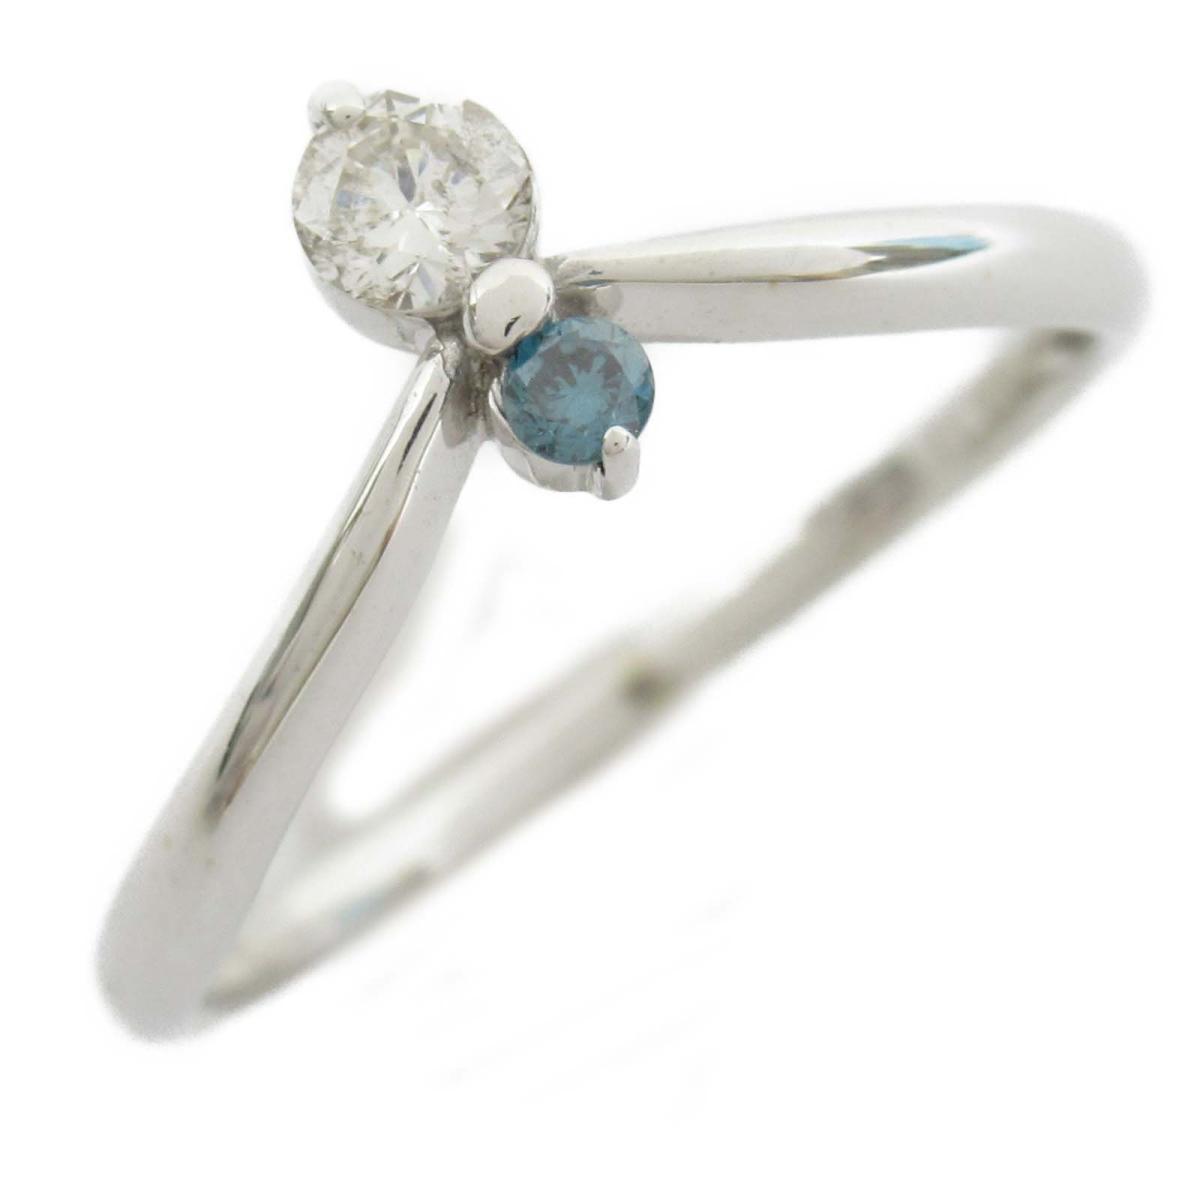 【中古】ジュエリー ブルーダイヤ ダイヤモンド リング 指輪 レディース 18Kホワイトゴールド x ダイヤモンド0.15CT